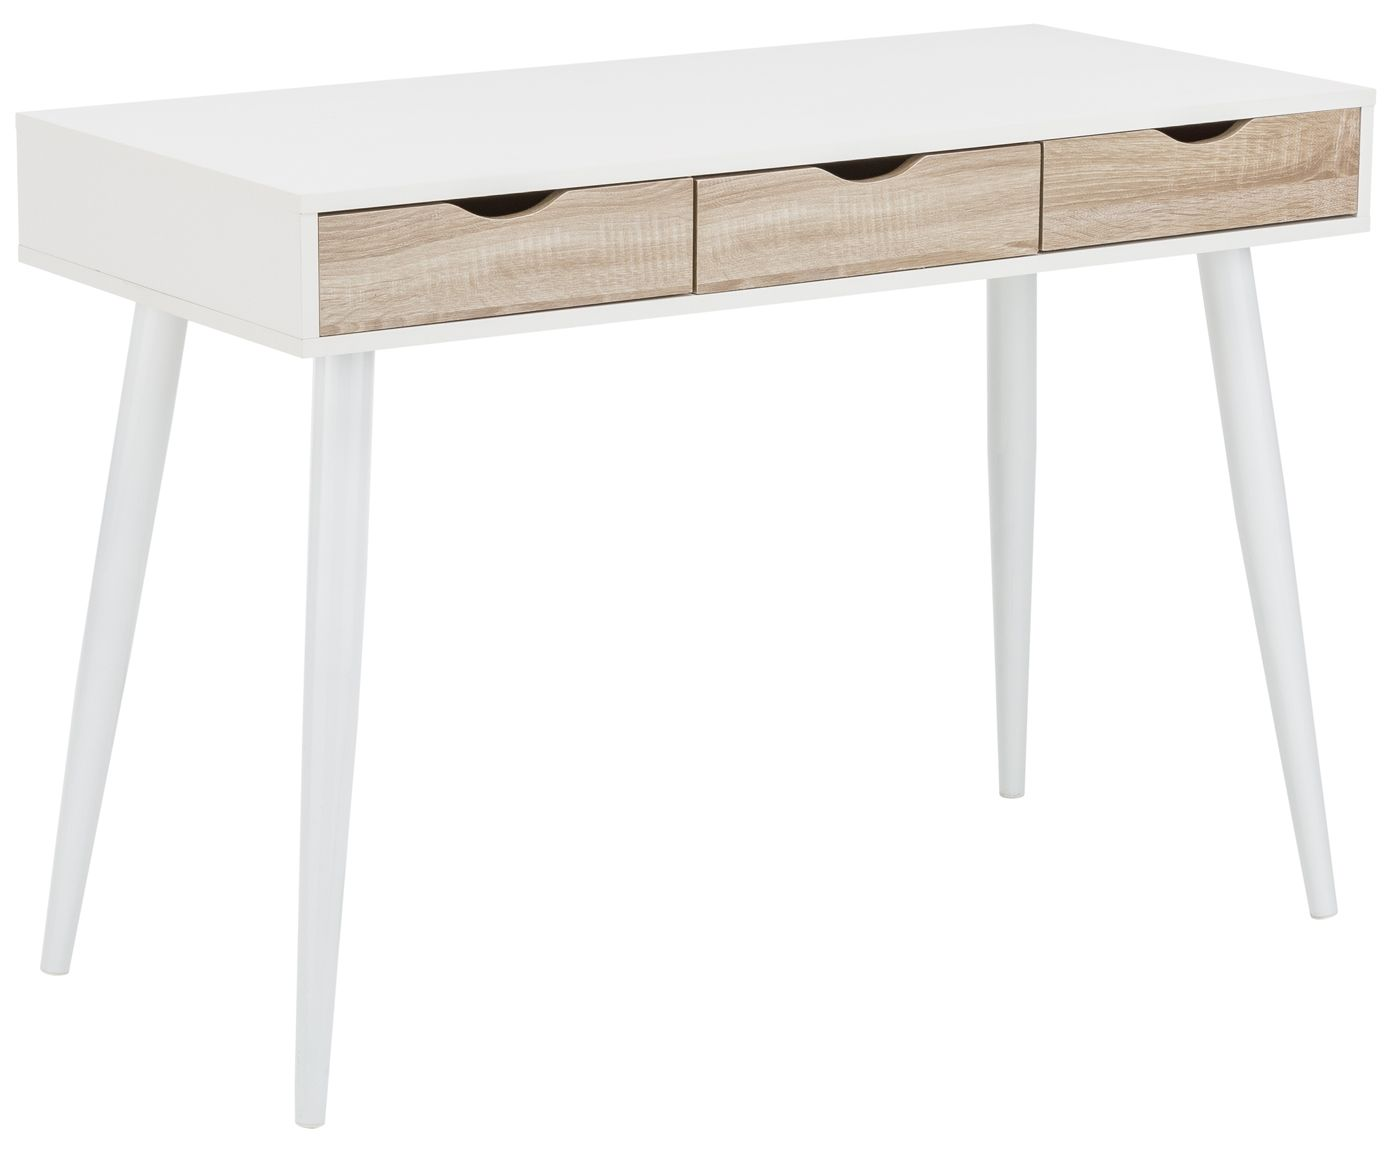 Schreibtisch Neptun In Weiß Mit Schubladen Aus Eichenholz Ist Perfekt Für  Ihr Home Office Und